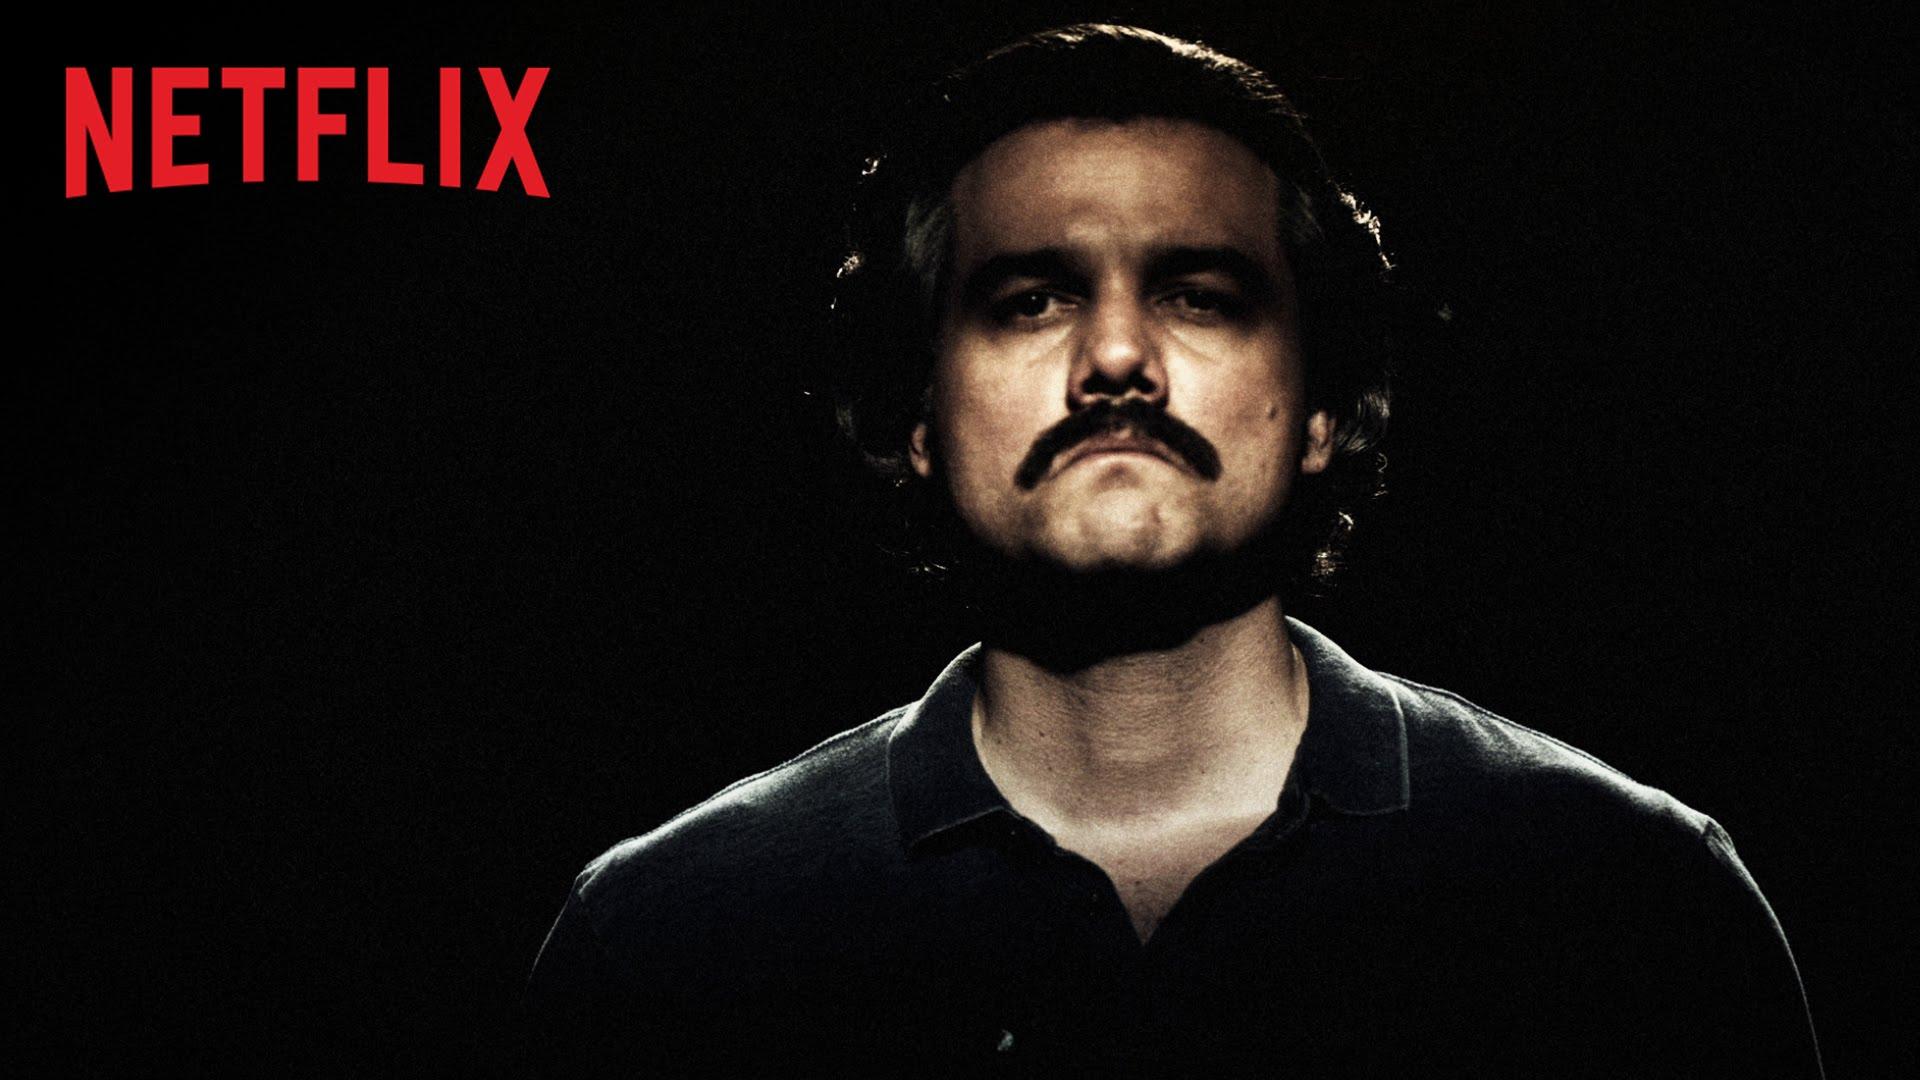 Nuevo tráiler y póster de la 2ª temporada de Narcos